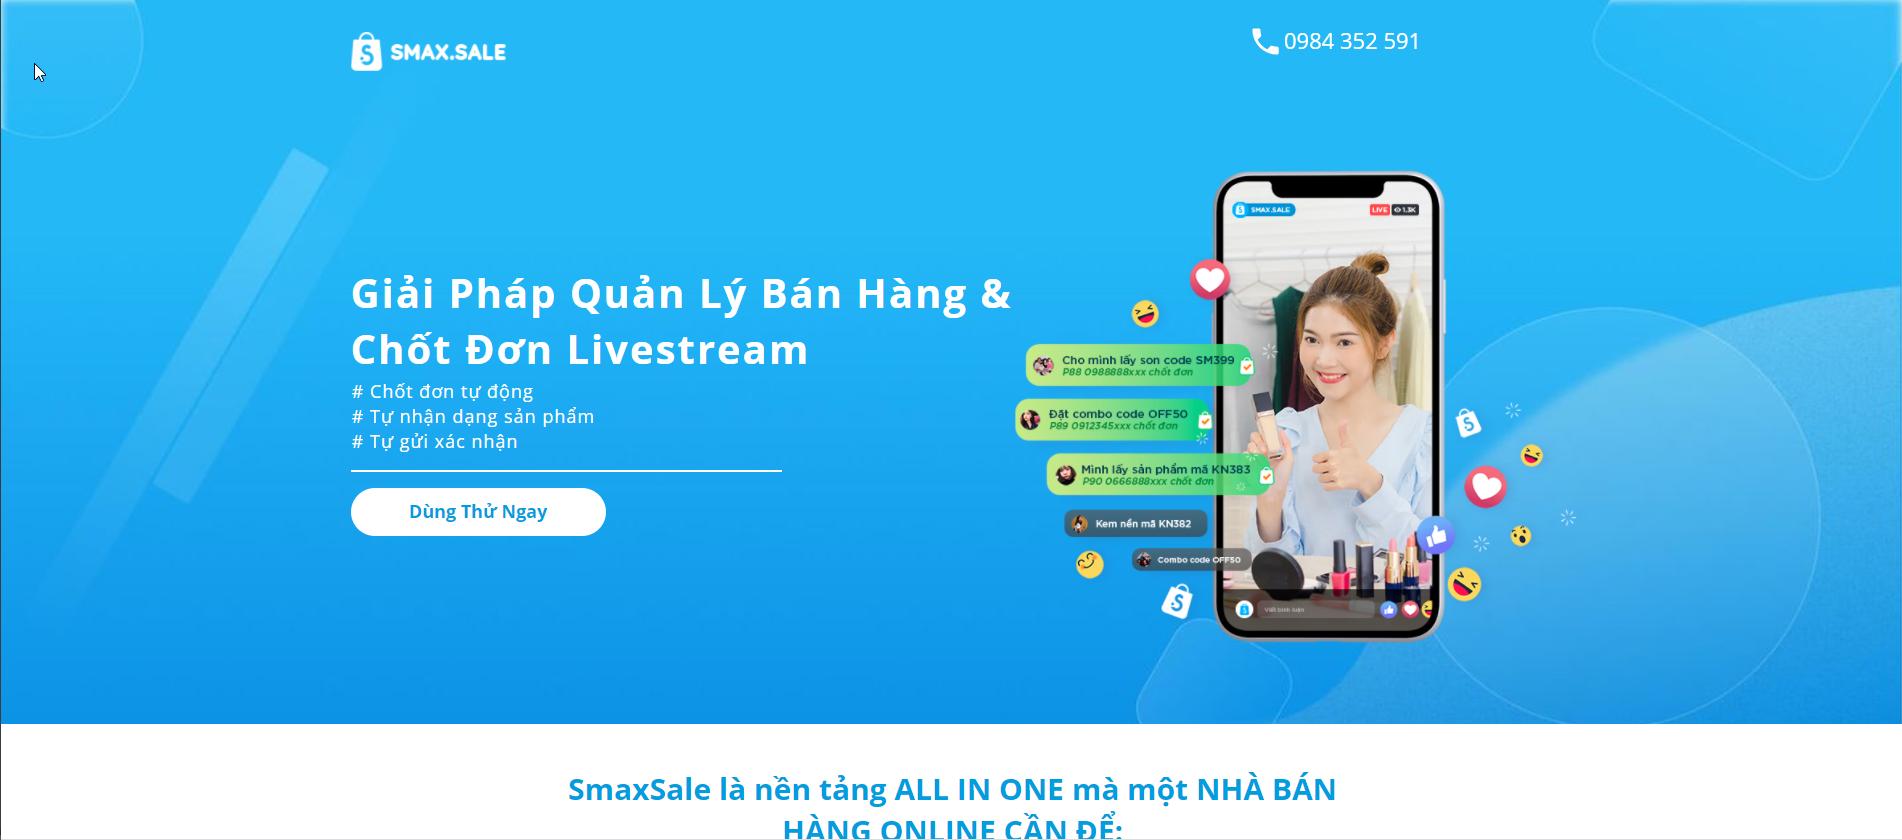 phần mềm hỗ trợ bán hàng livestream hiệu quả